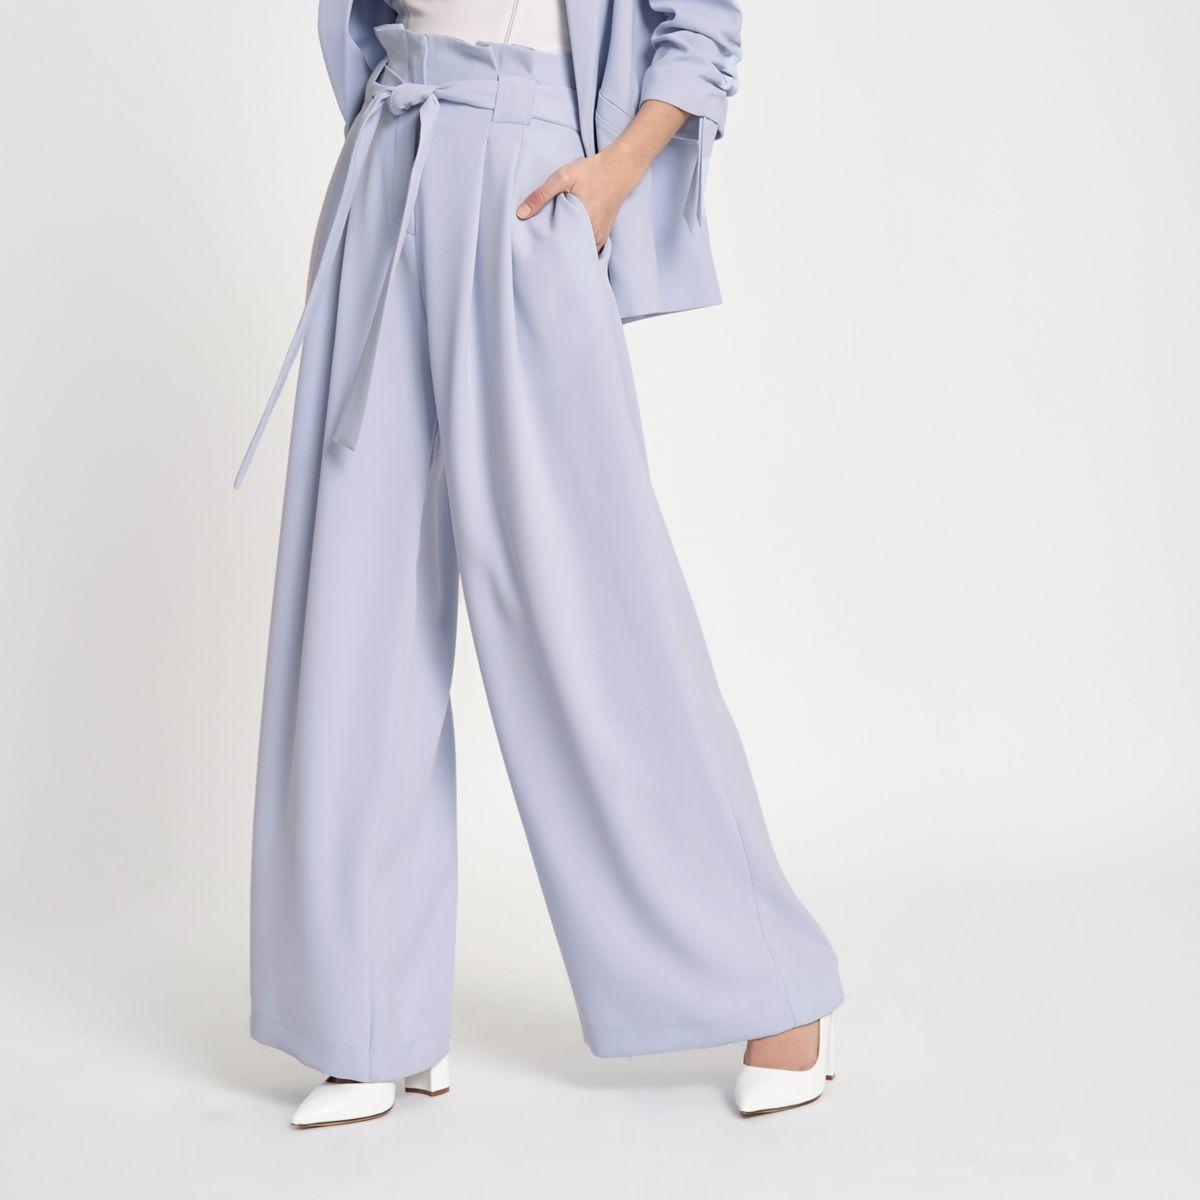 Blauwe broek met wijde pijpen en geplooide taille